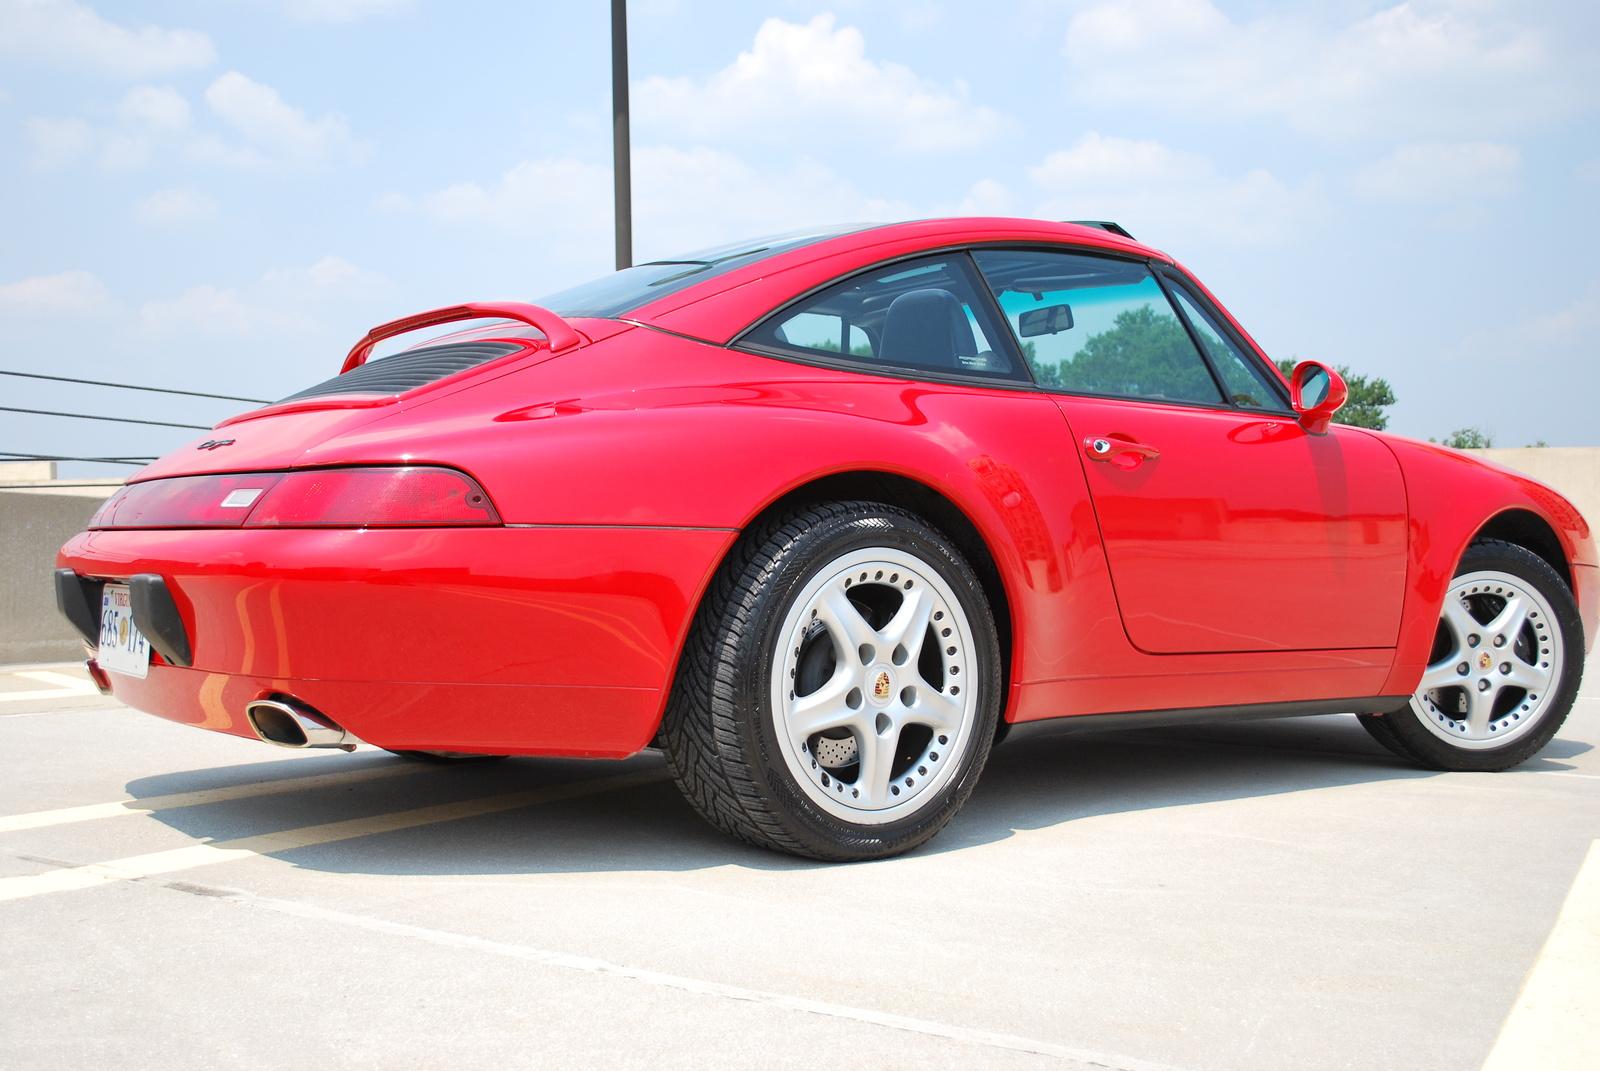 Porsche Dr Carrera Targa Coupe Pic